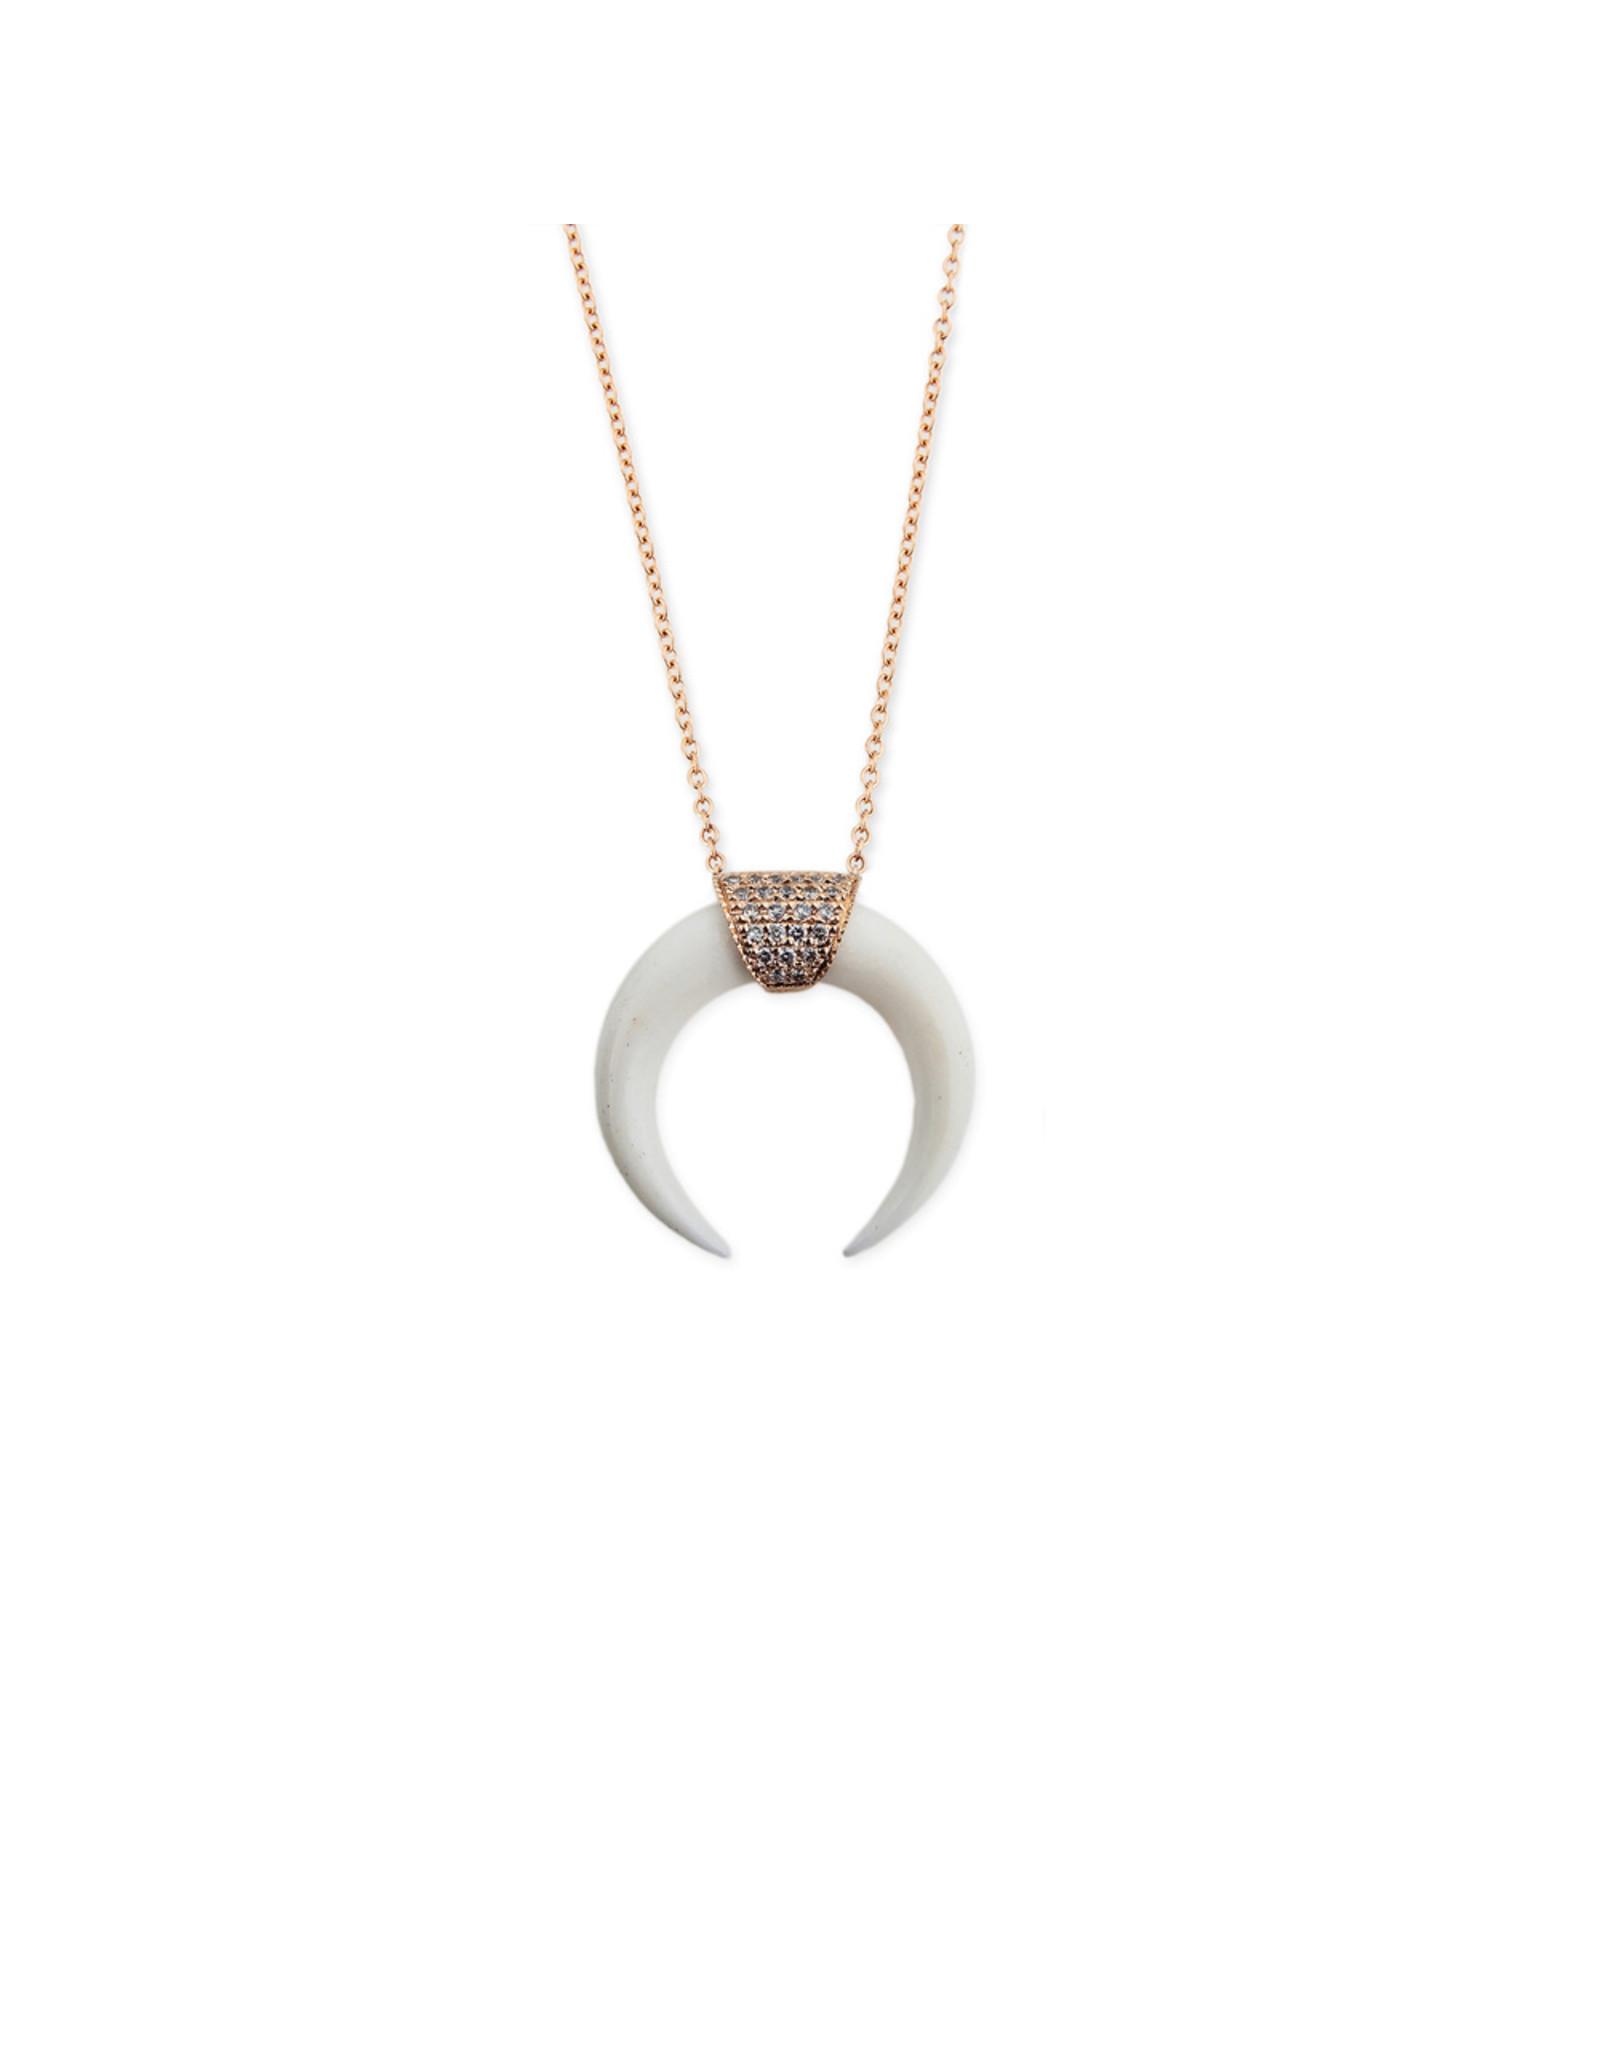 Jacquie Aiche Jacque Aiche Double Bone Horn Necklace (Color: 14K Yellow Gold)